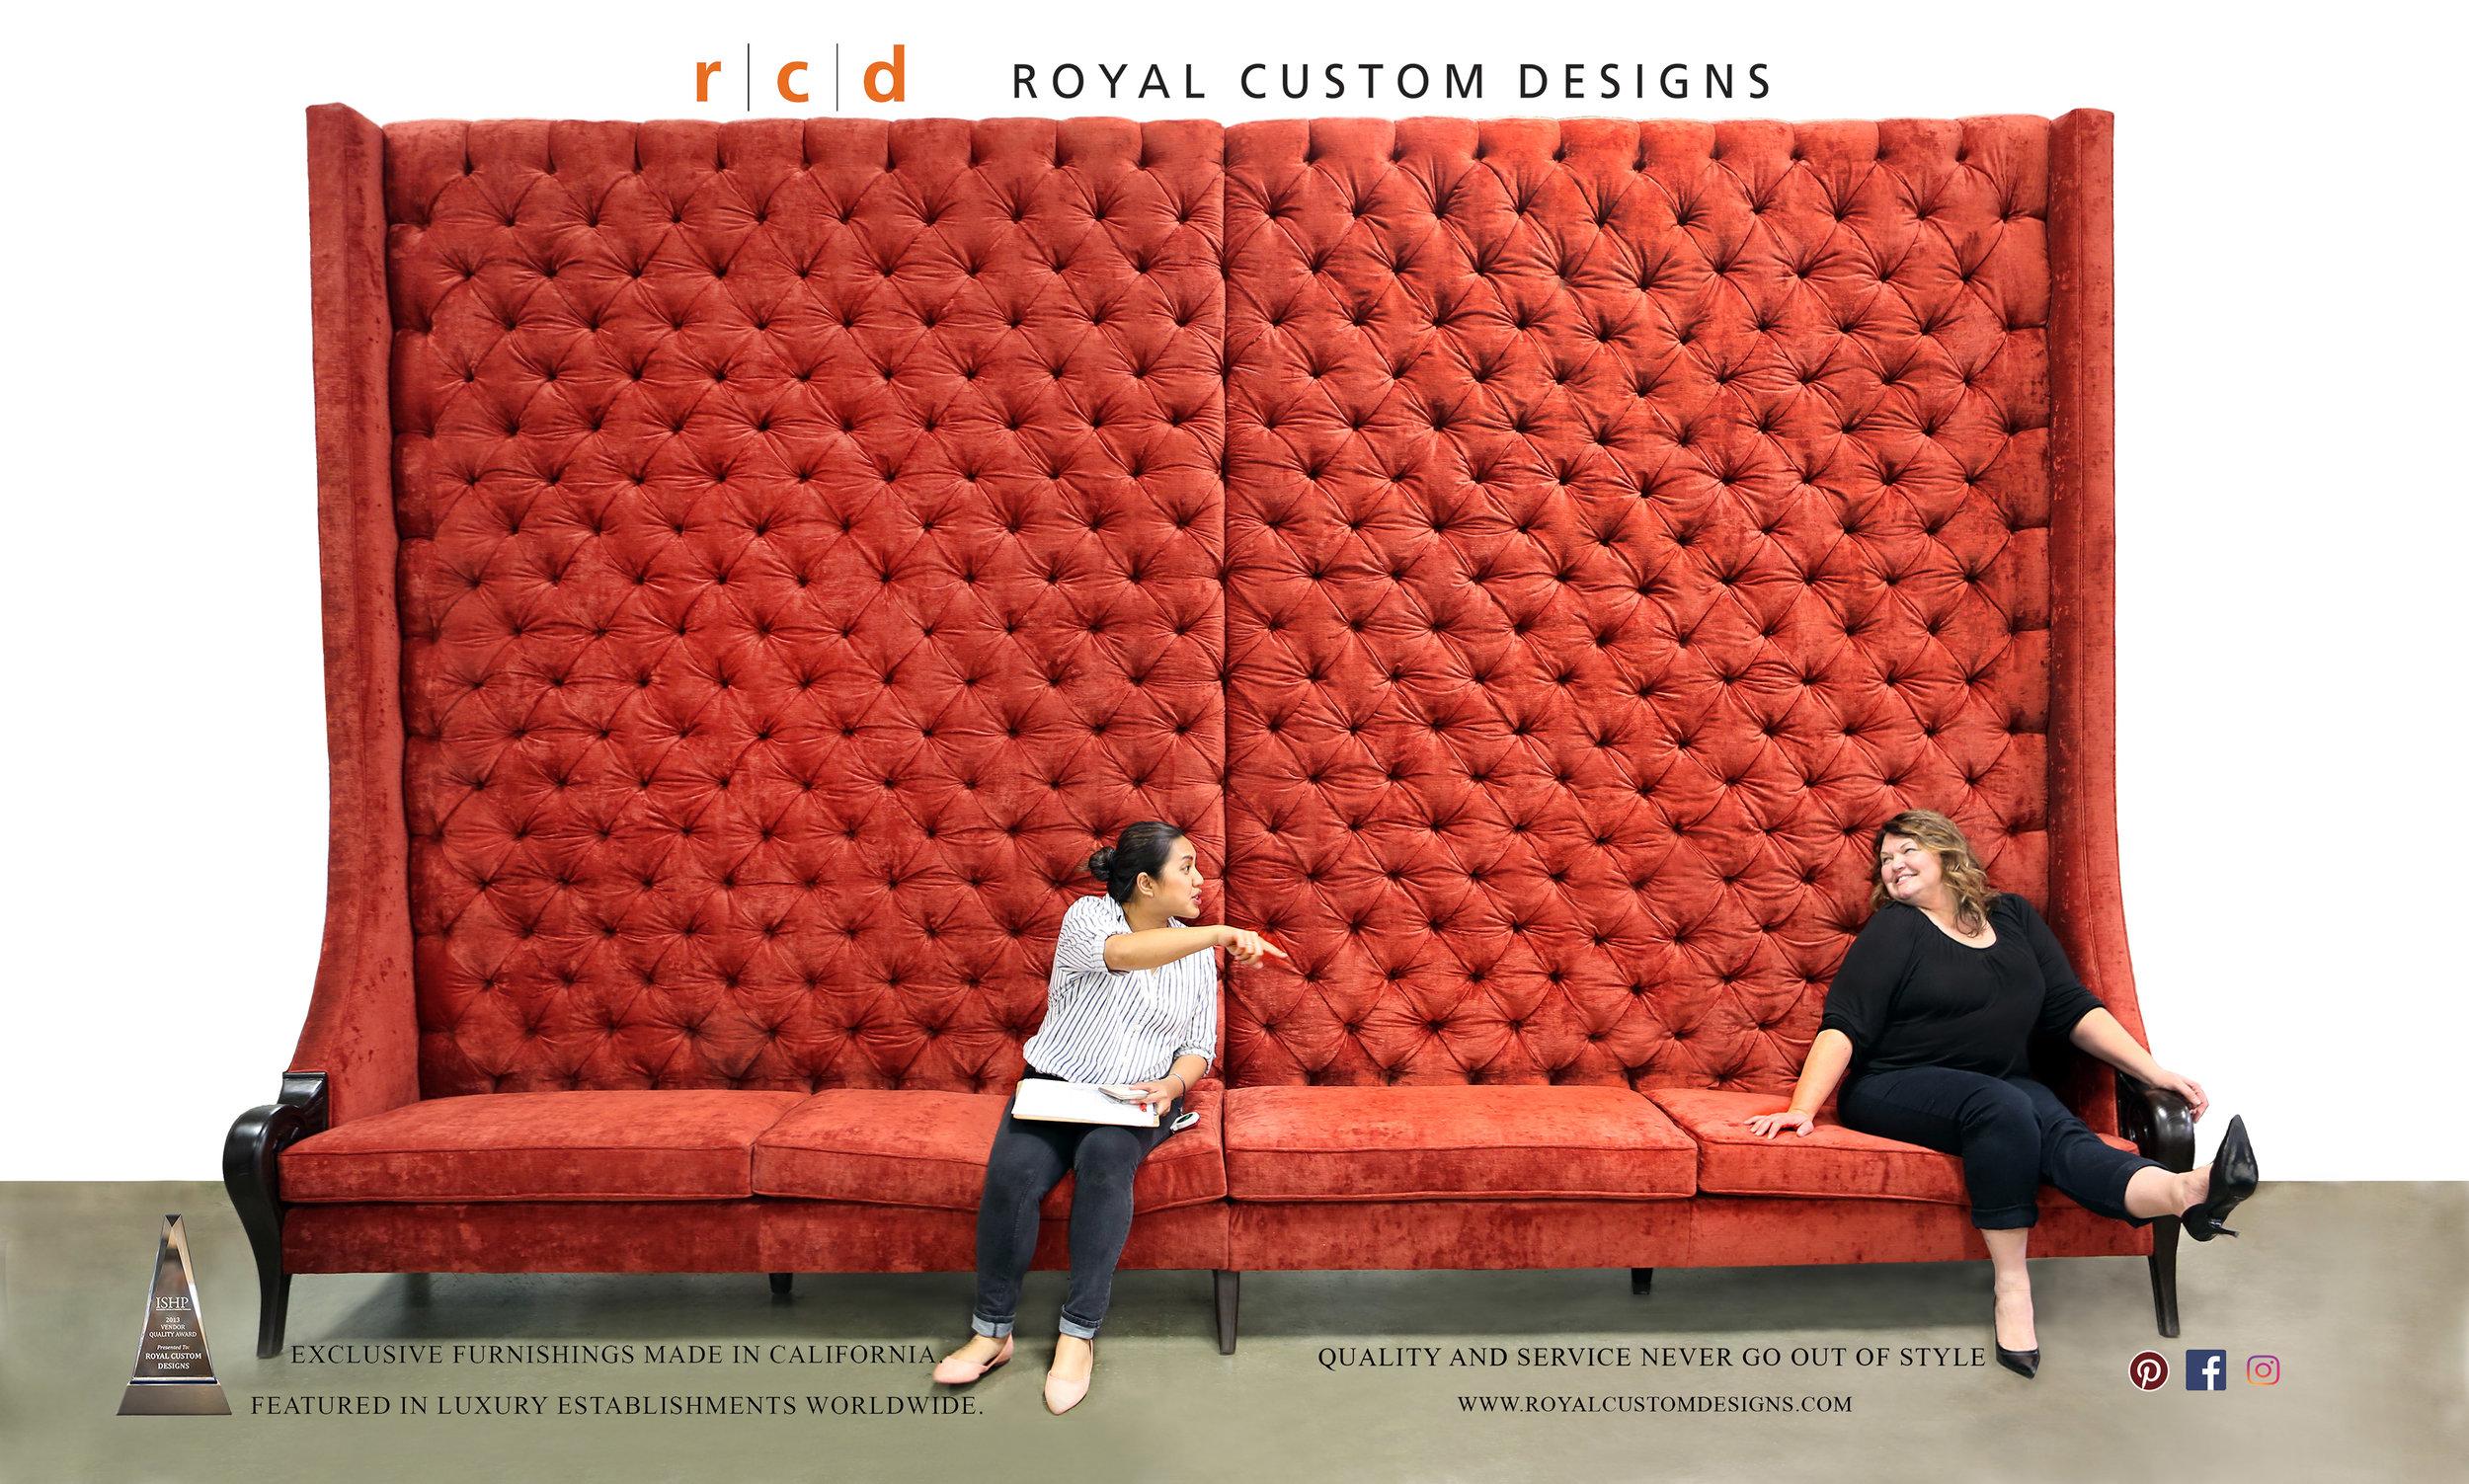 Hospitality Design September 2018